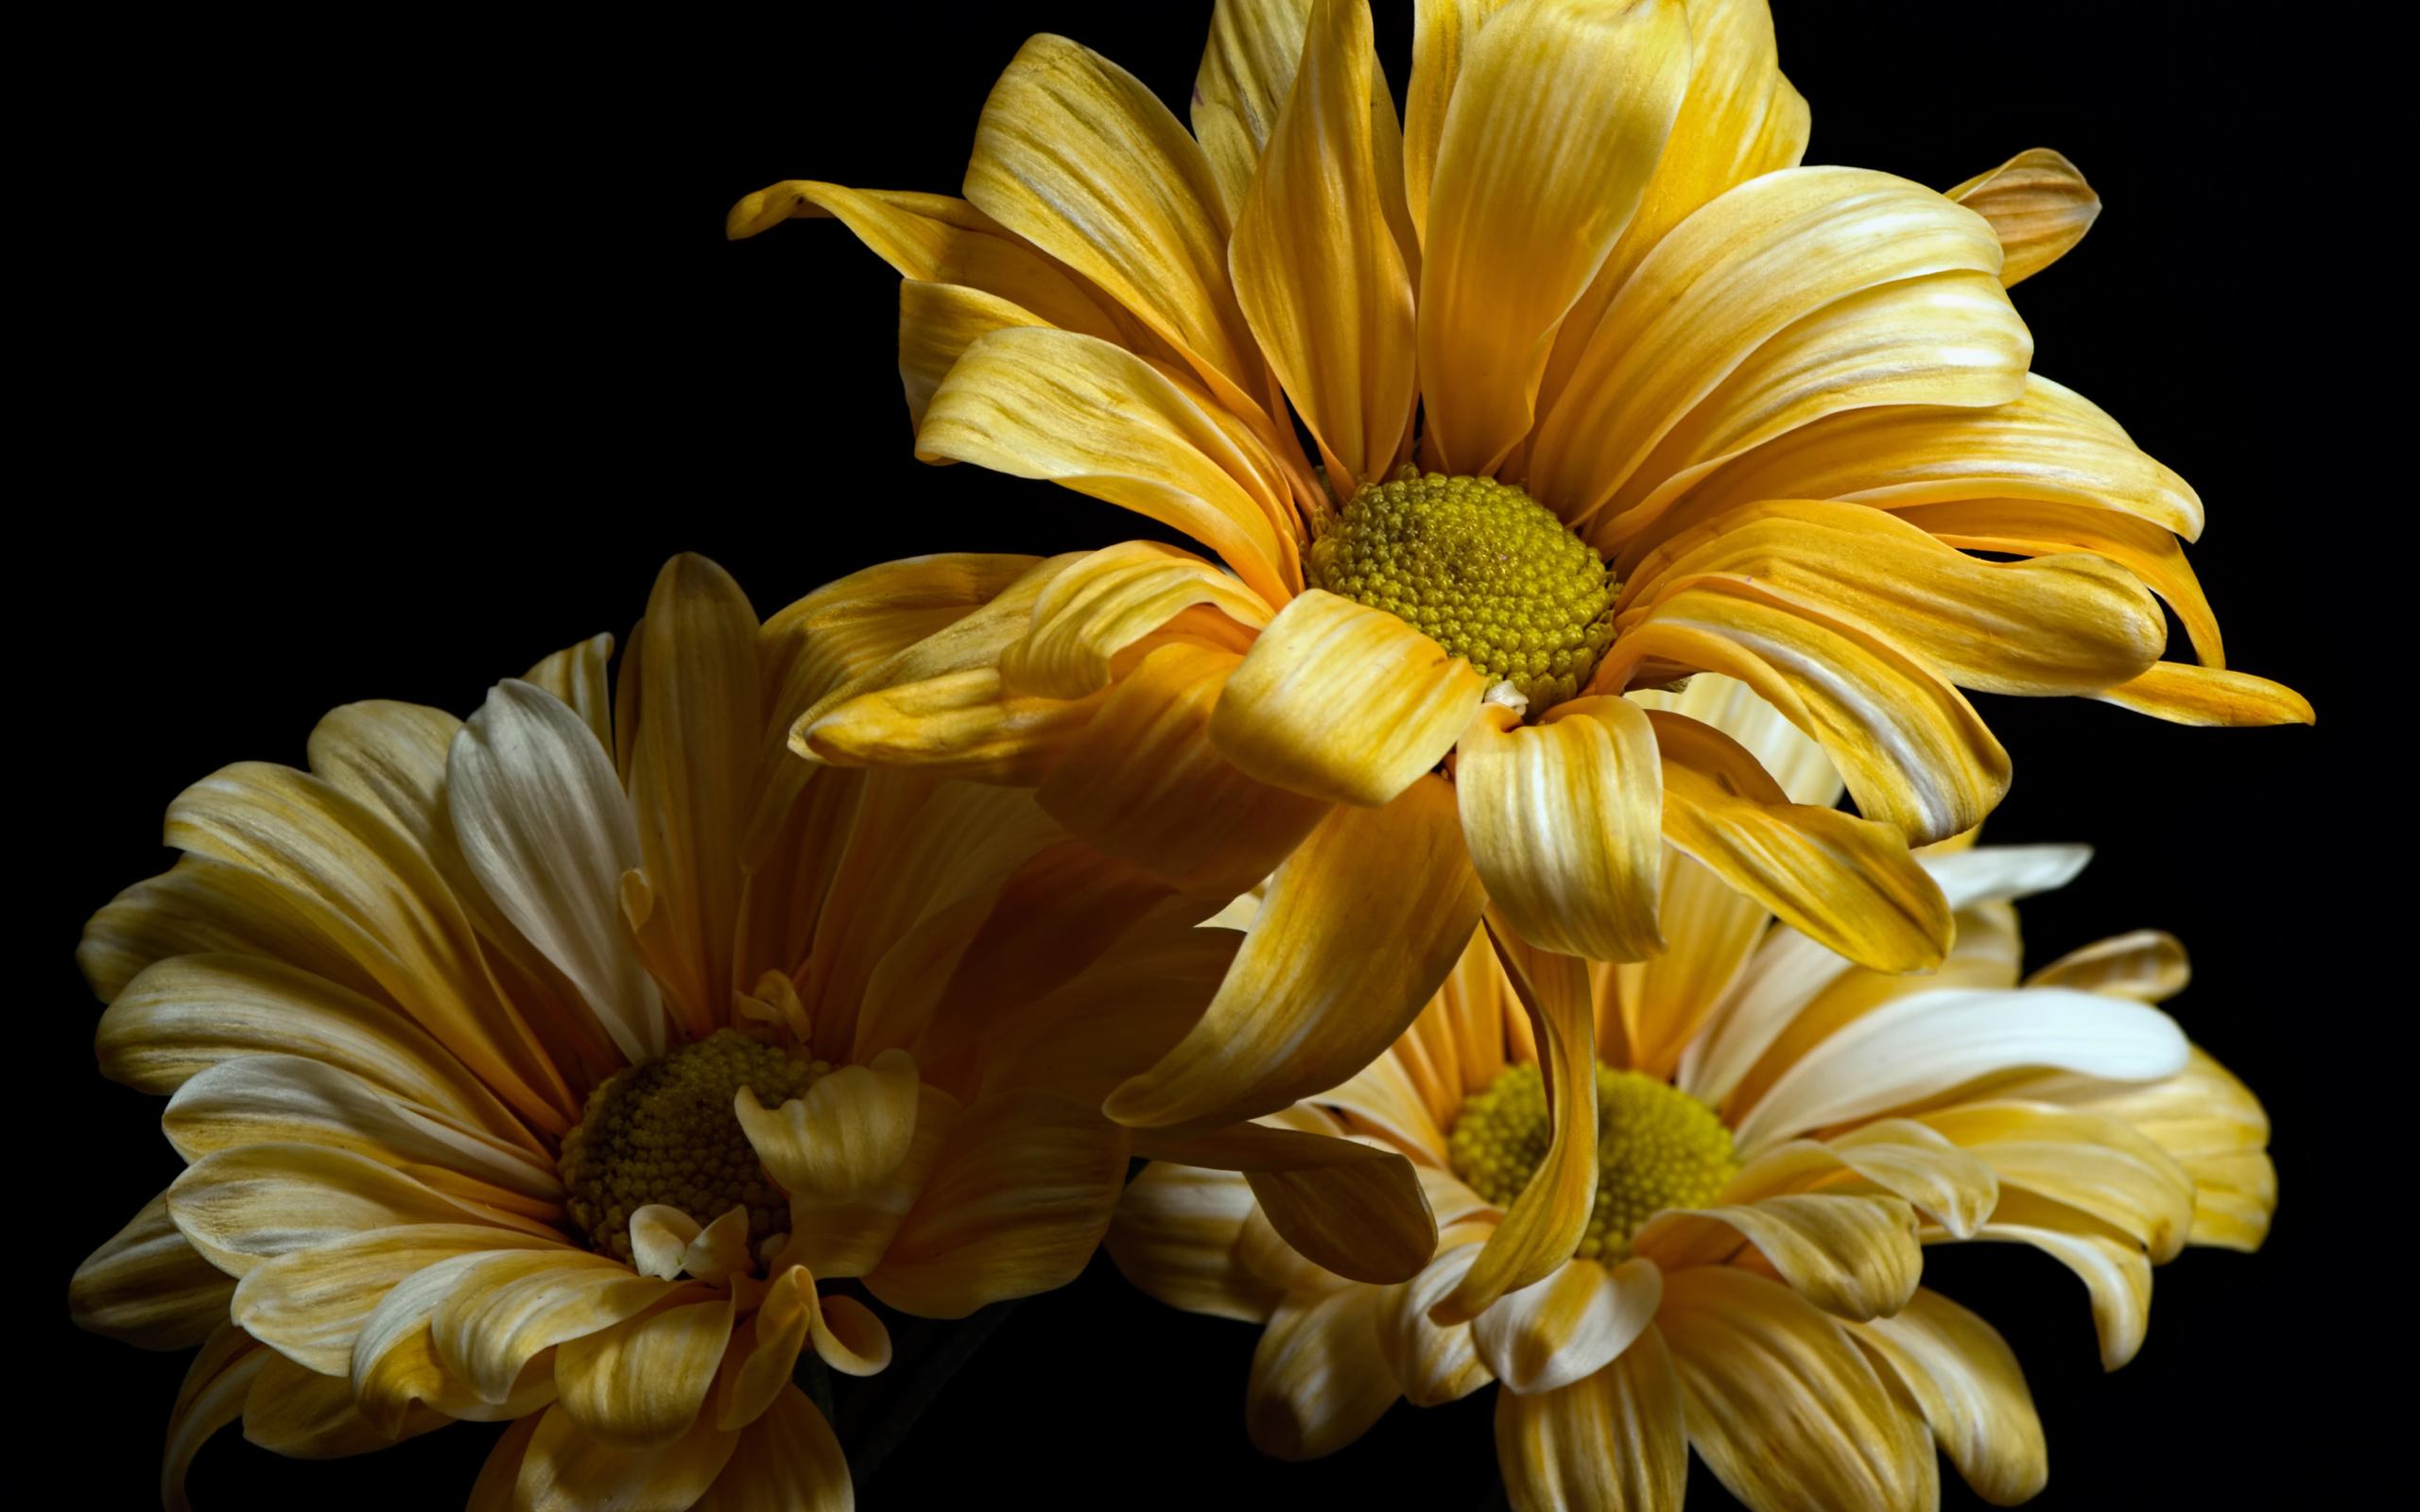 обои на телефон хризантемы желтые побывав котором